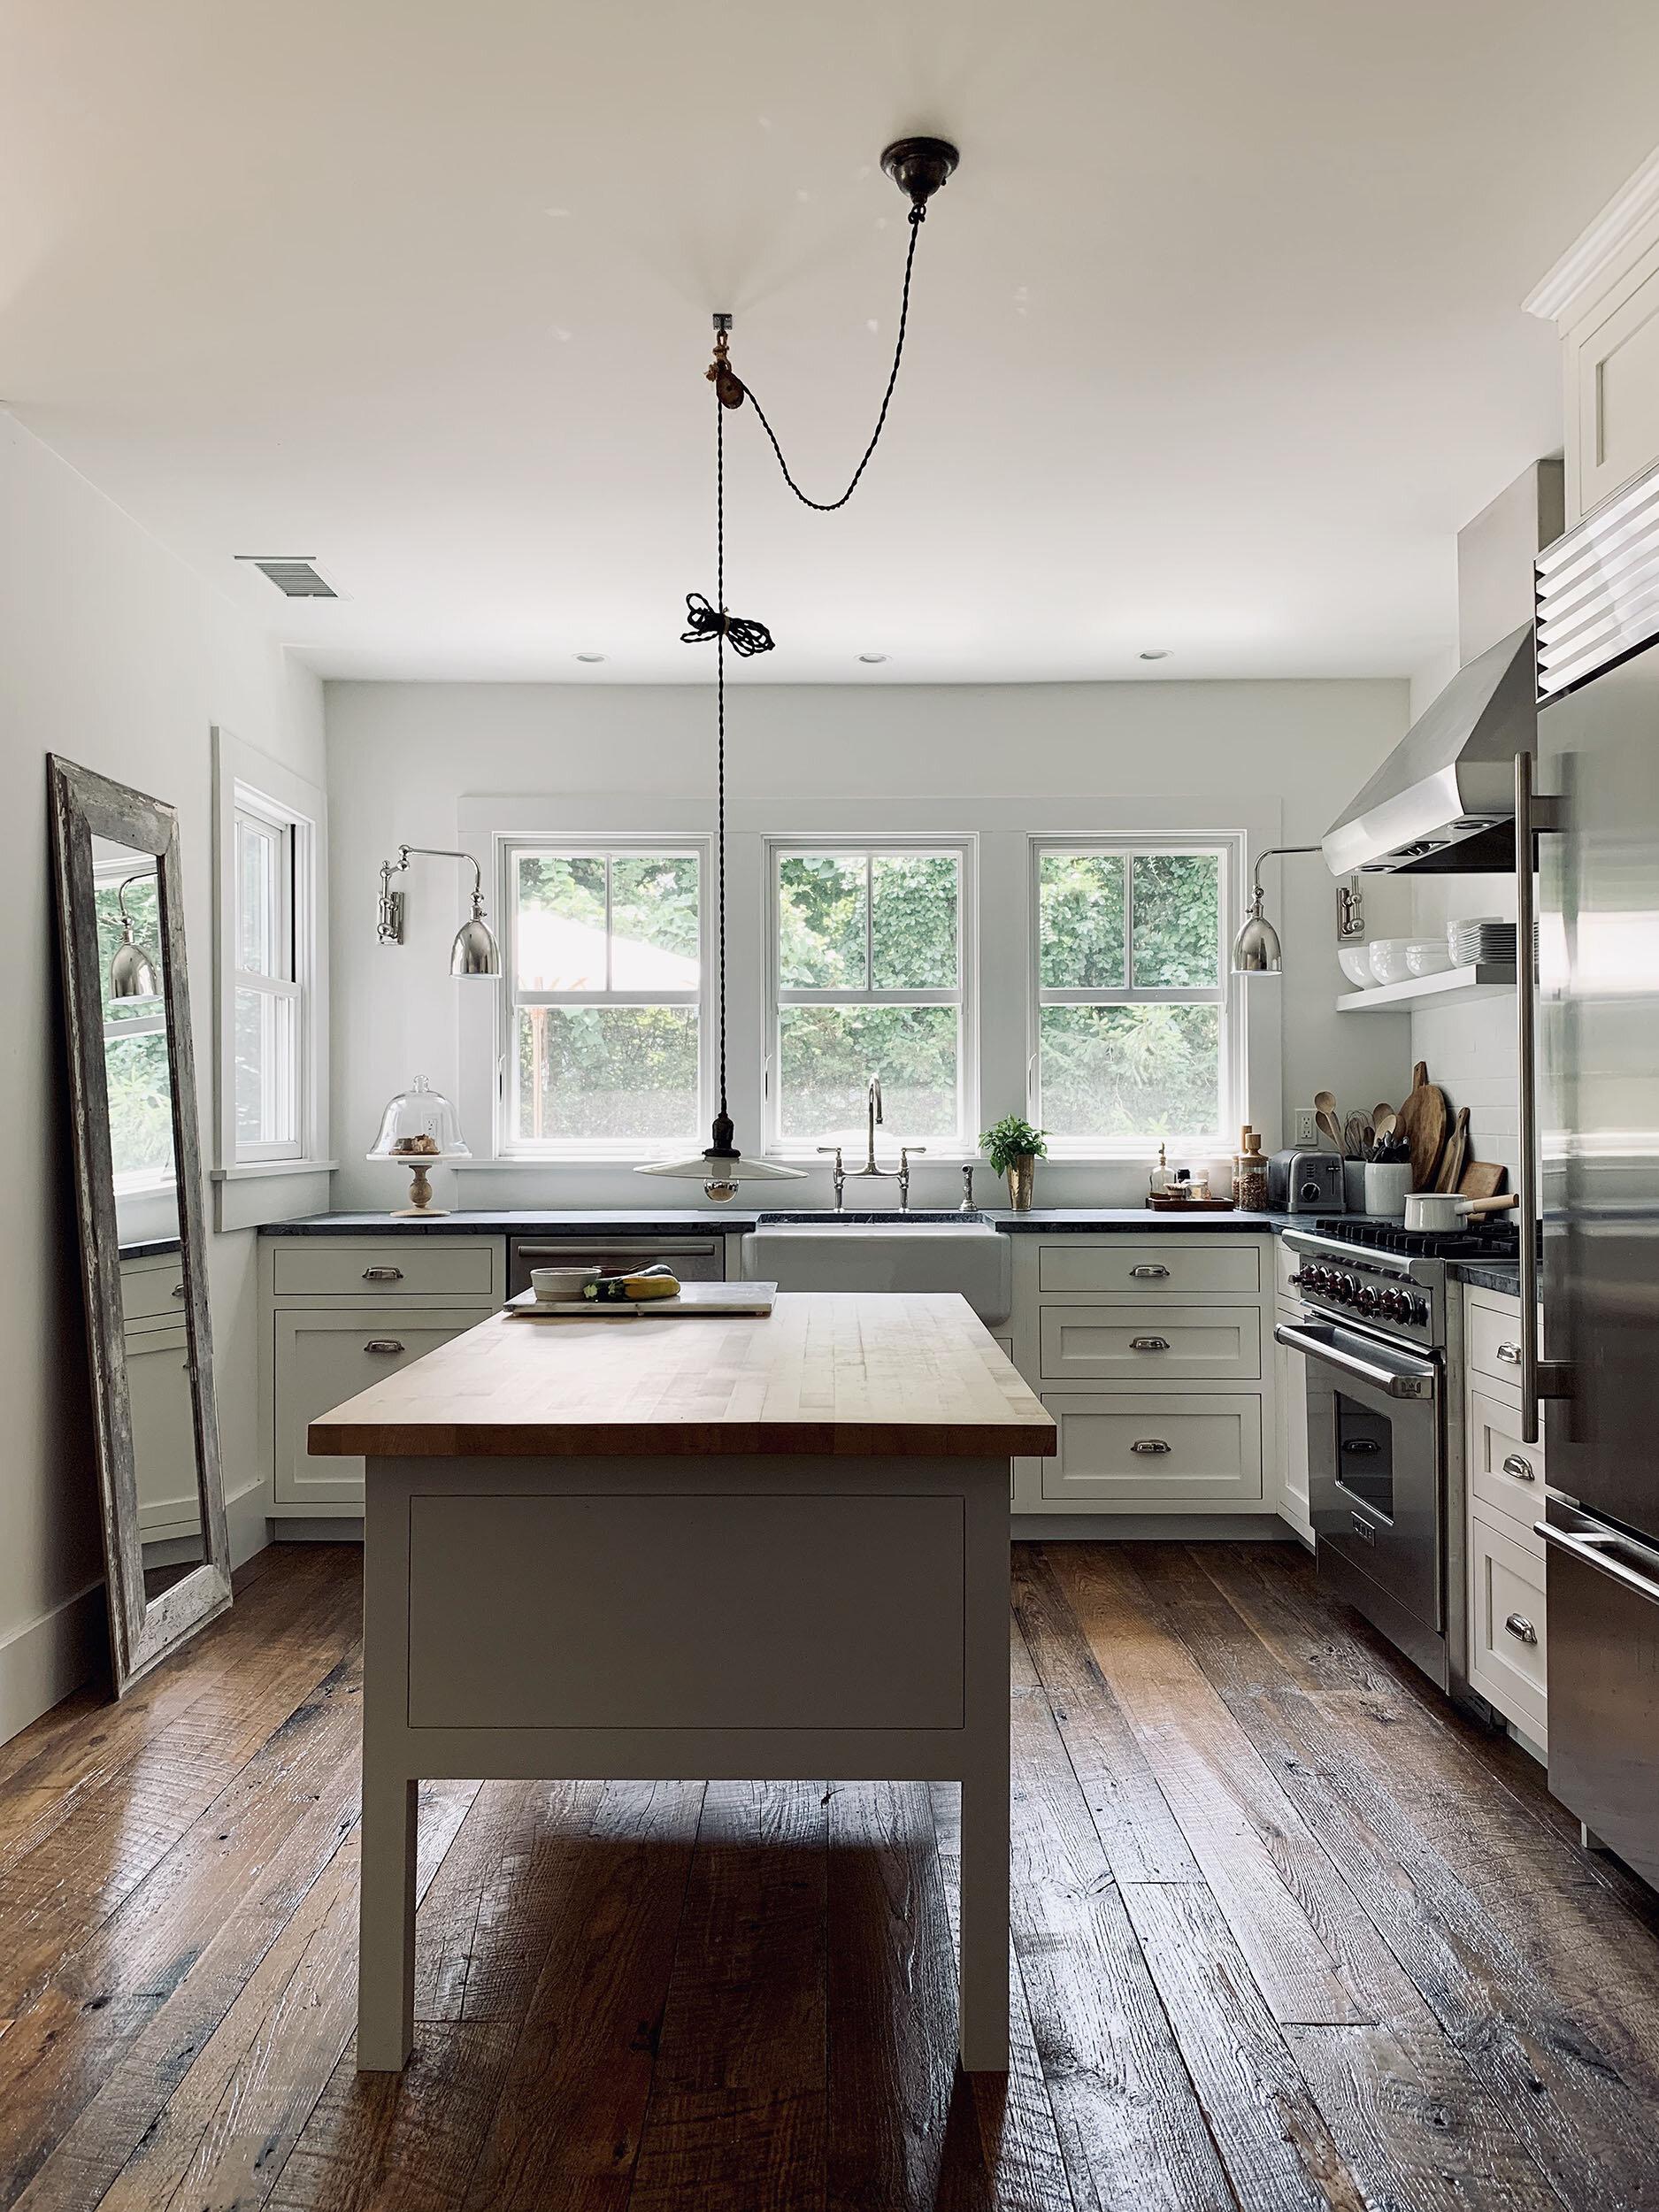 NP_kitchen_2.jpg